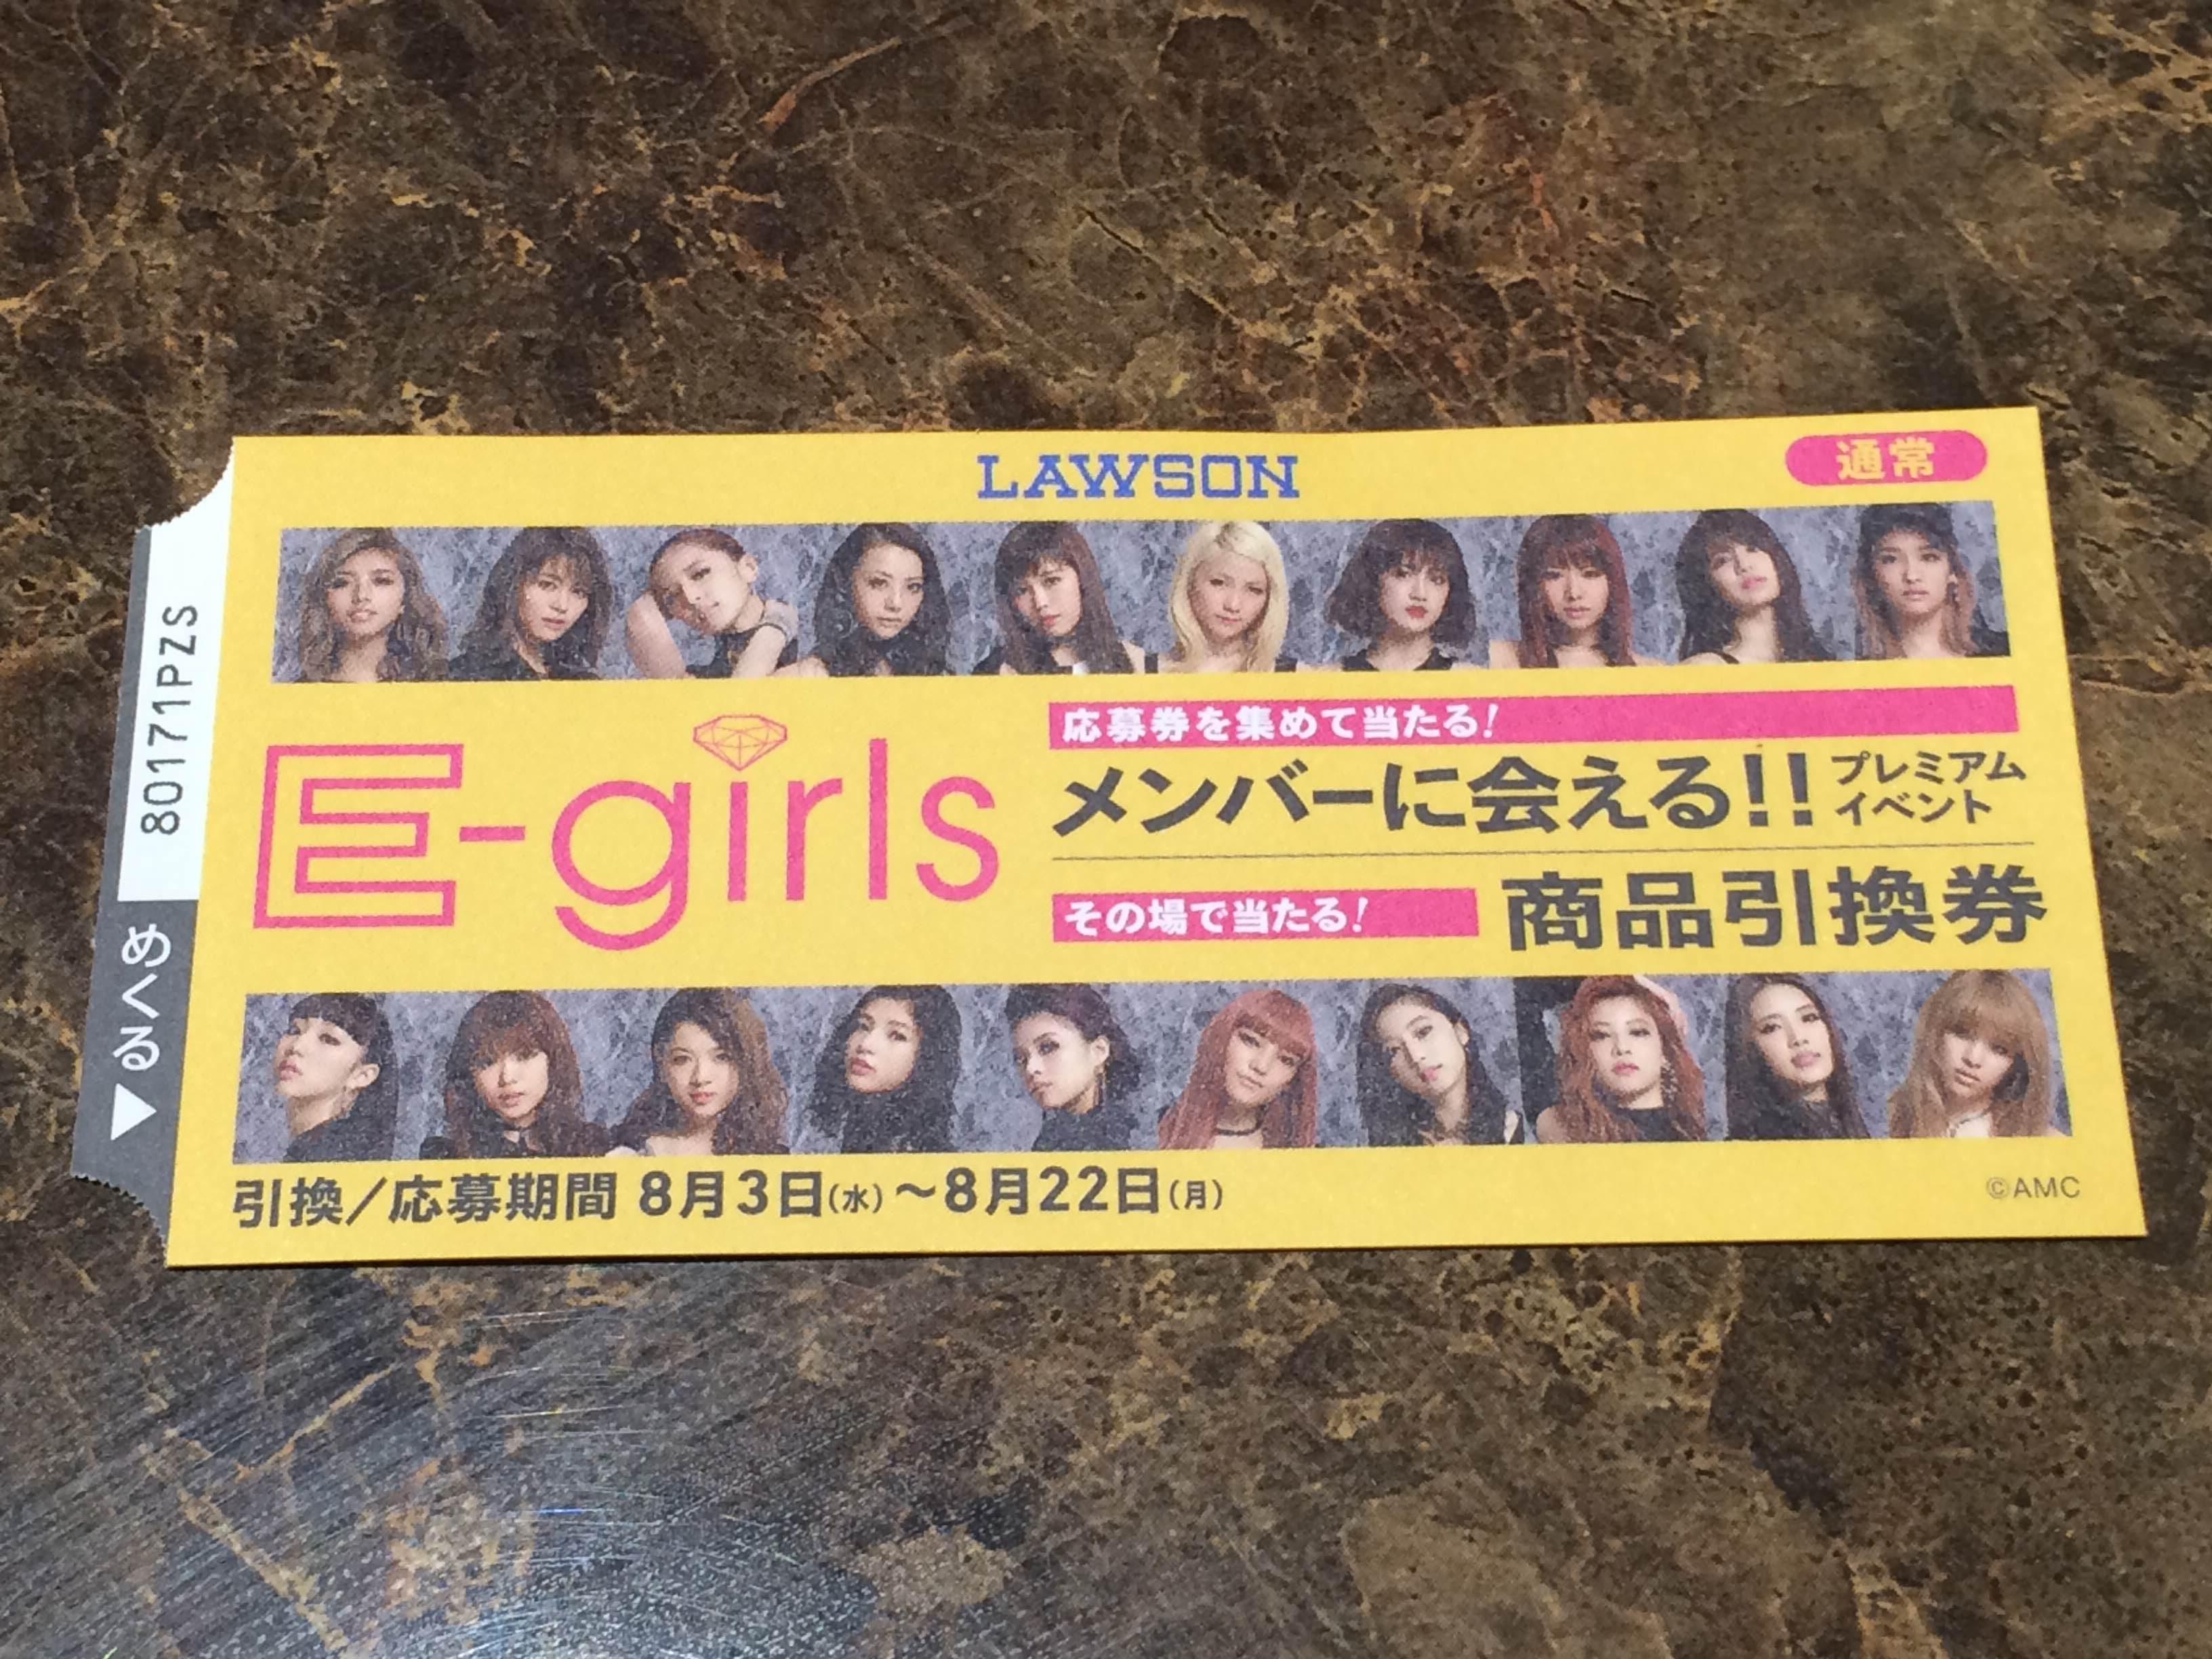 メンバーに会える!E-girlsローソンキャンペーン!スピードくじ【リツート・クイズ】